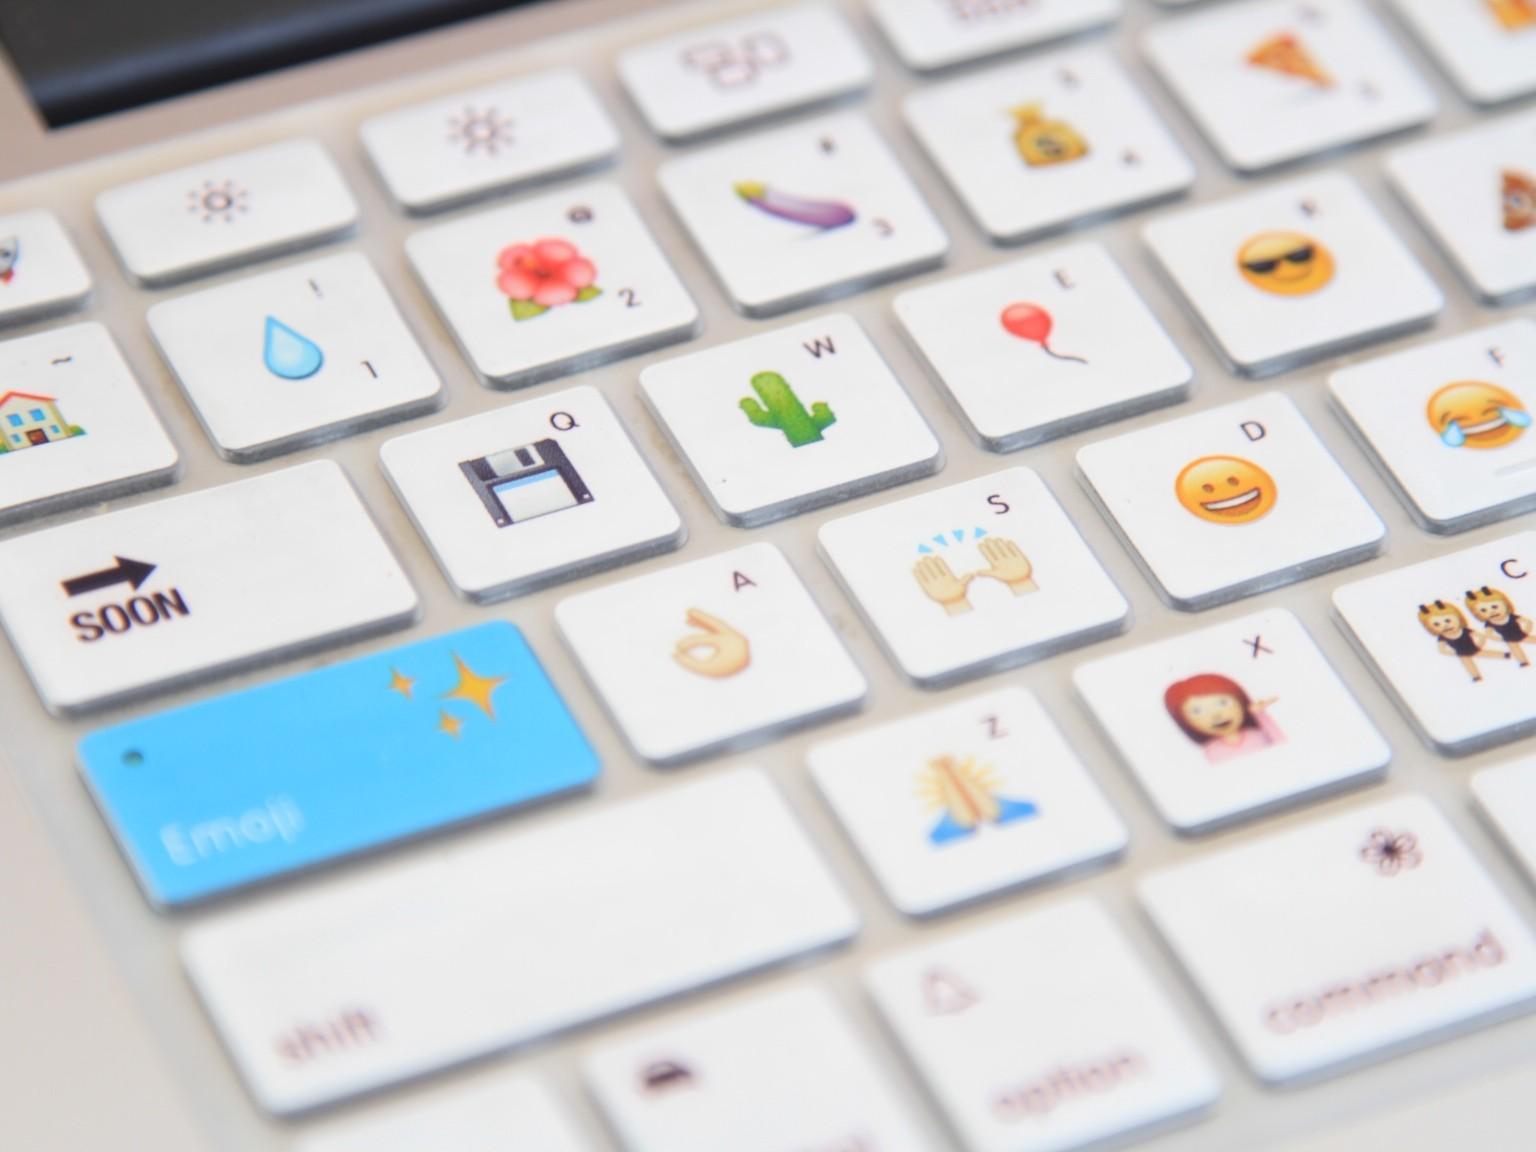 Как на клавиатуре самсунг сделать смайлики